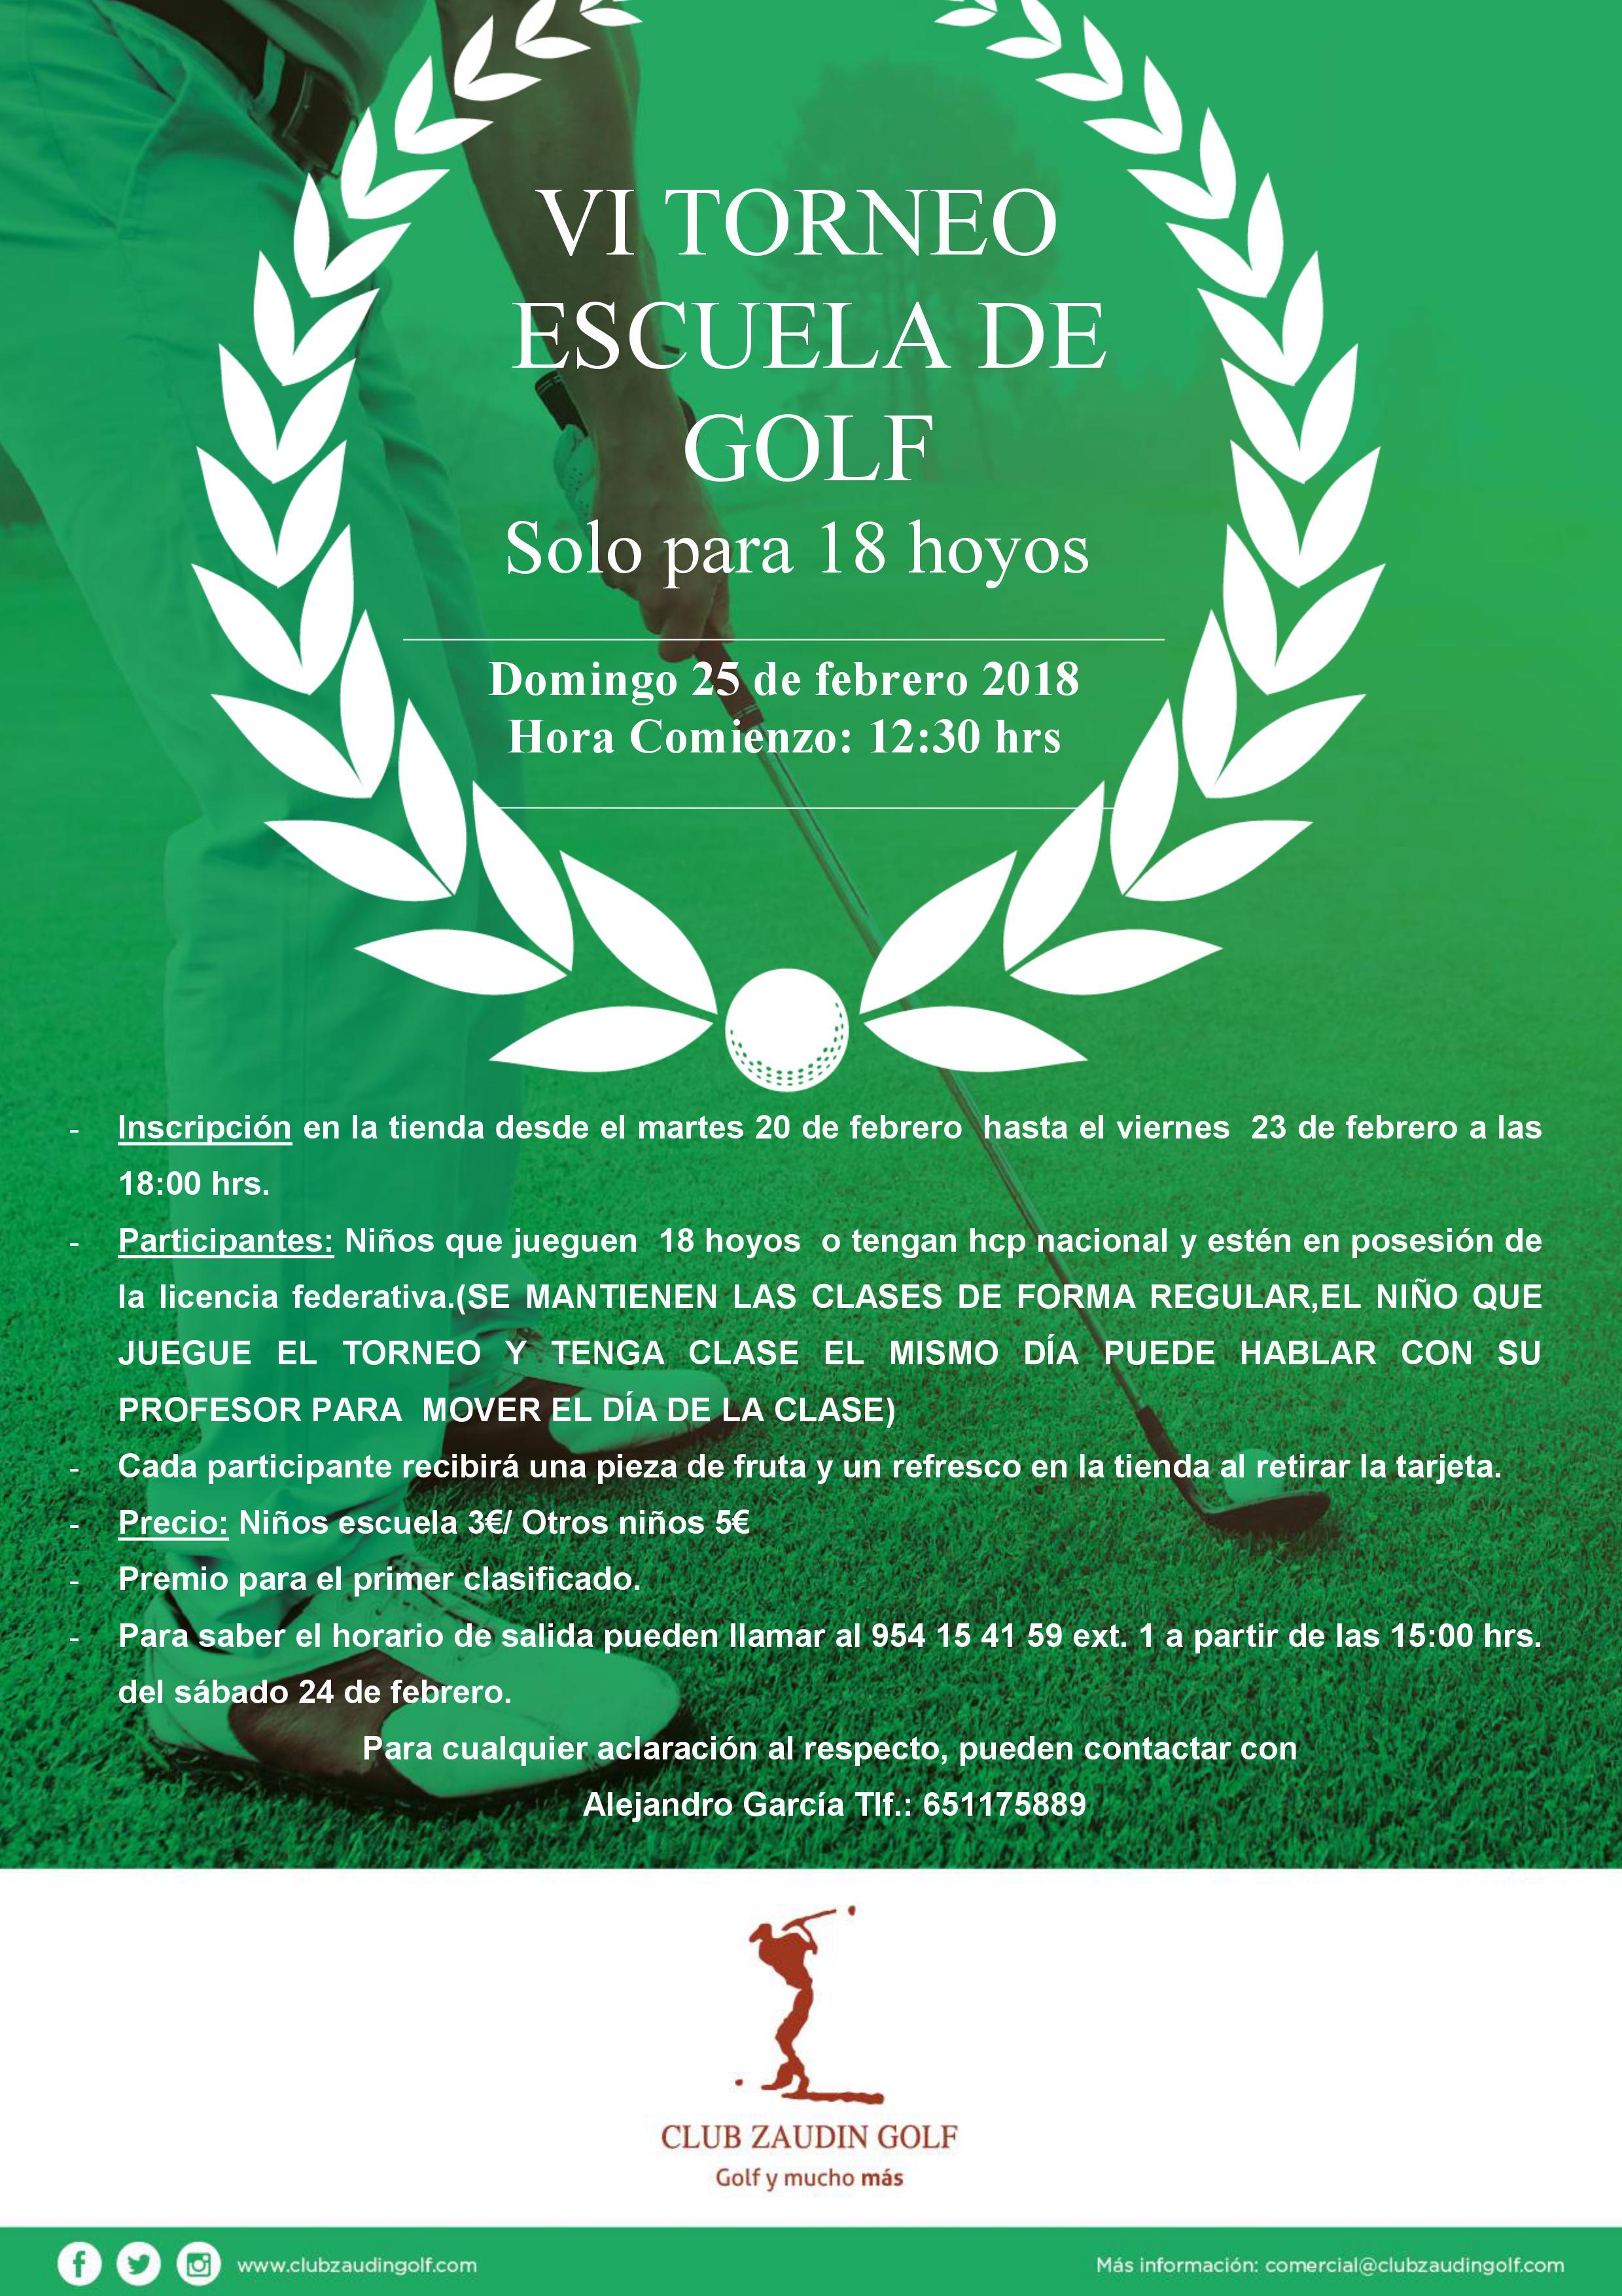 VI Torneo escuela de golf zaudin